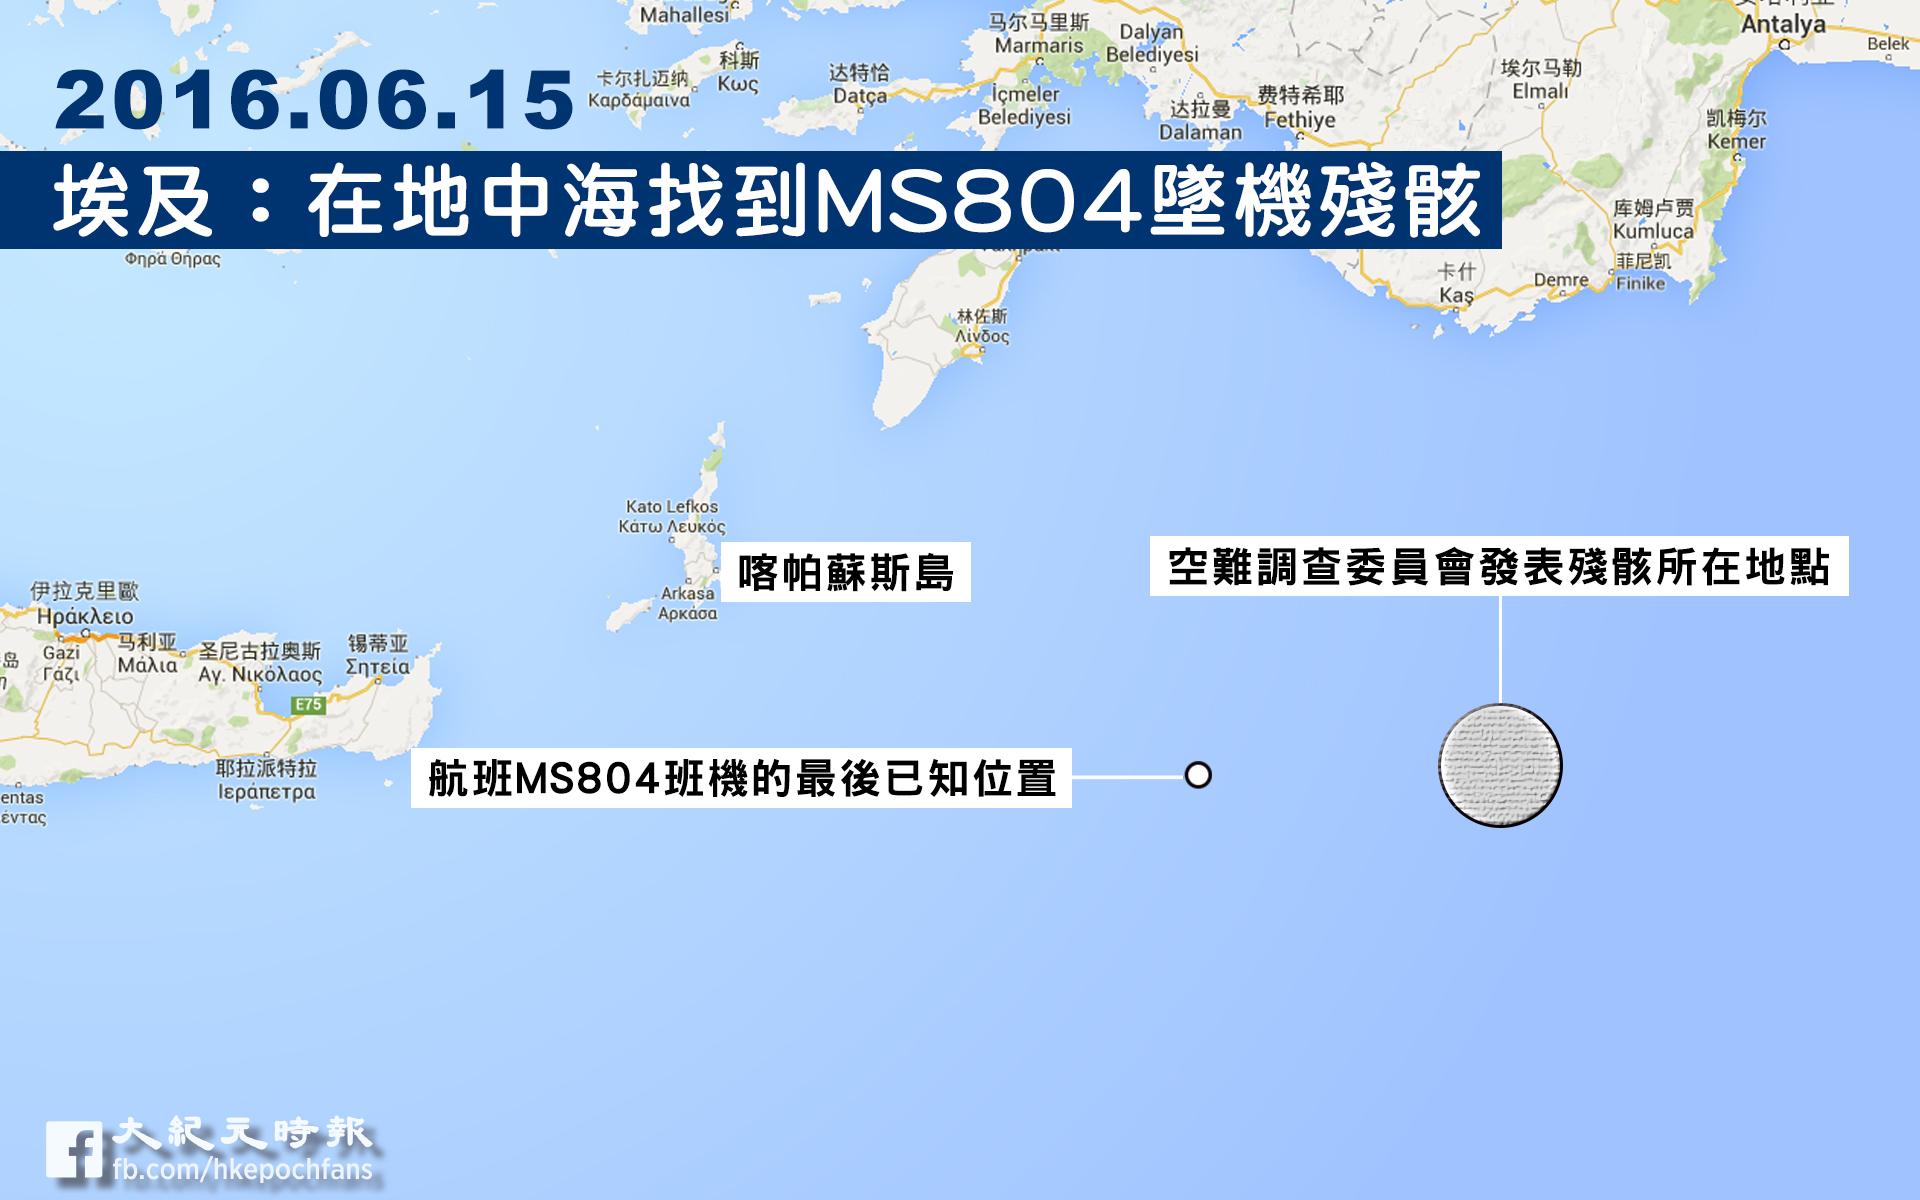 埃及官方在2016年6月15日公佈在地中海找到MS804墜機殘骸。(大紀元製圖)